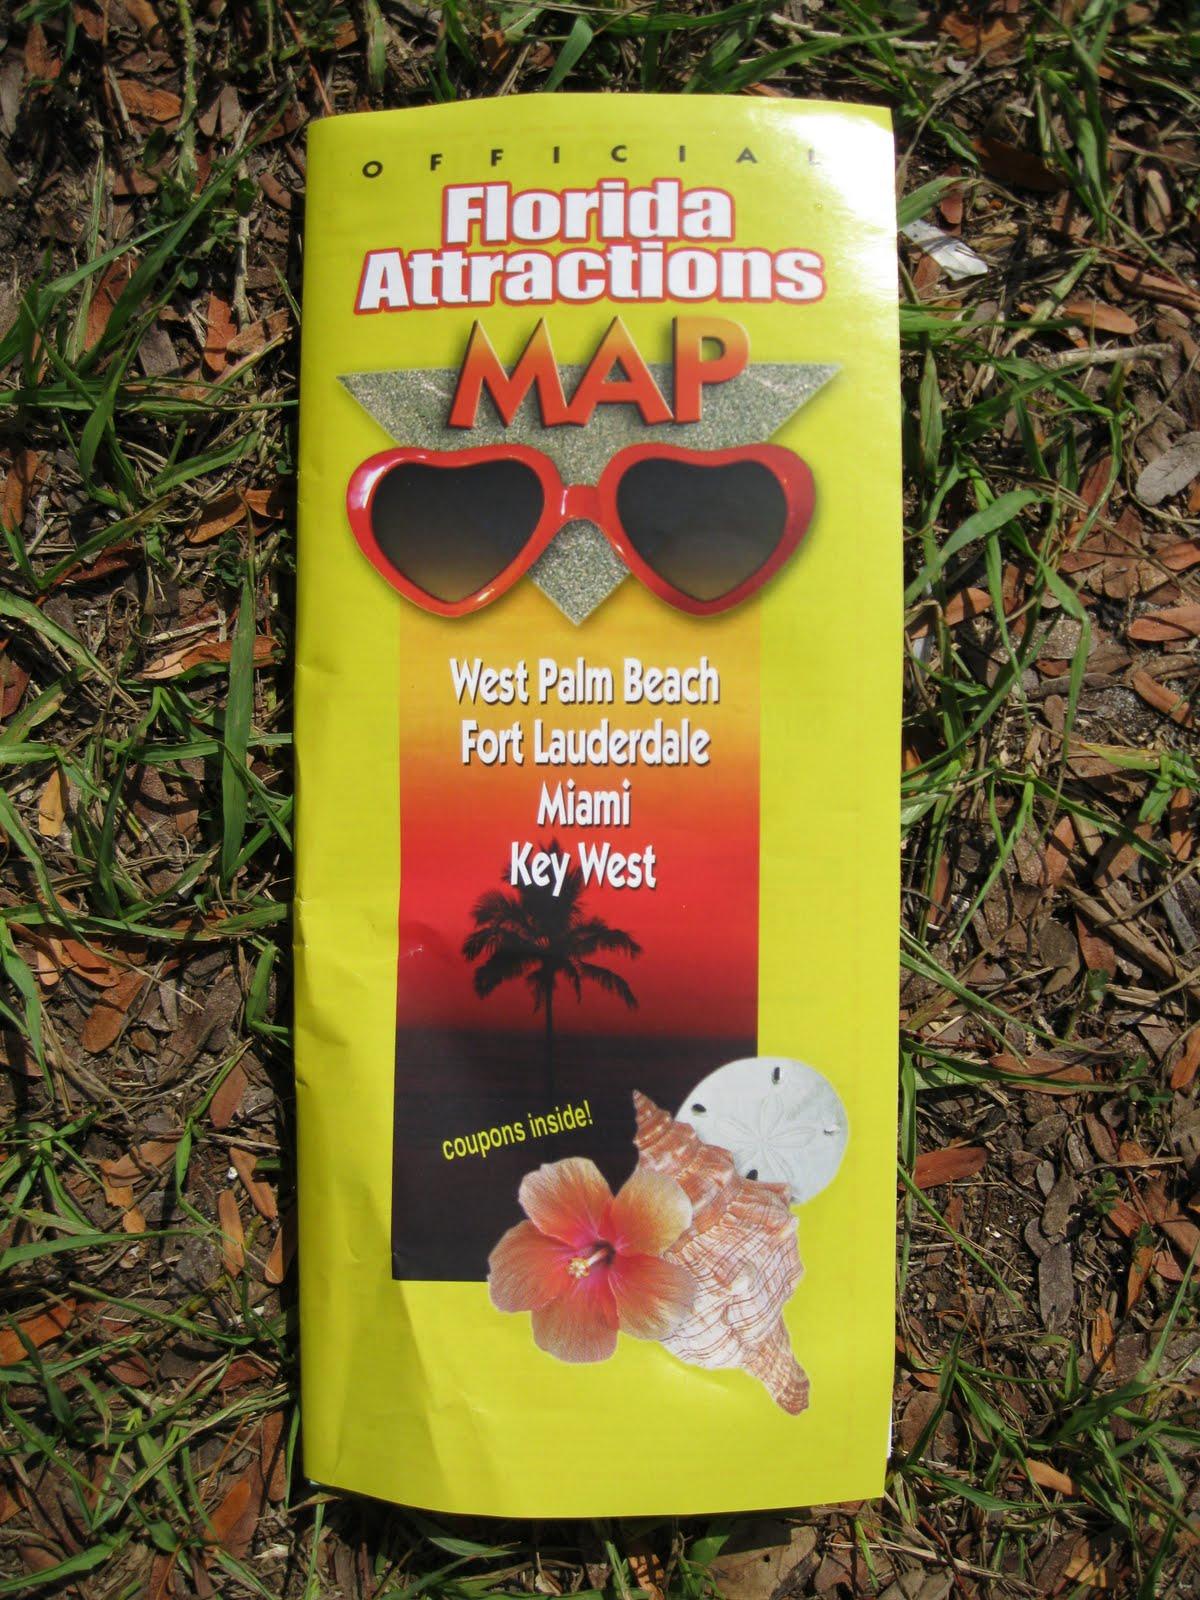 Miami metro zoo coupons